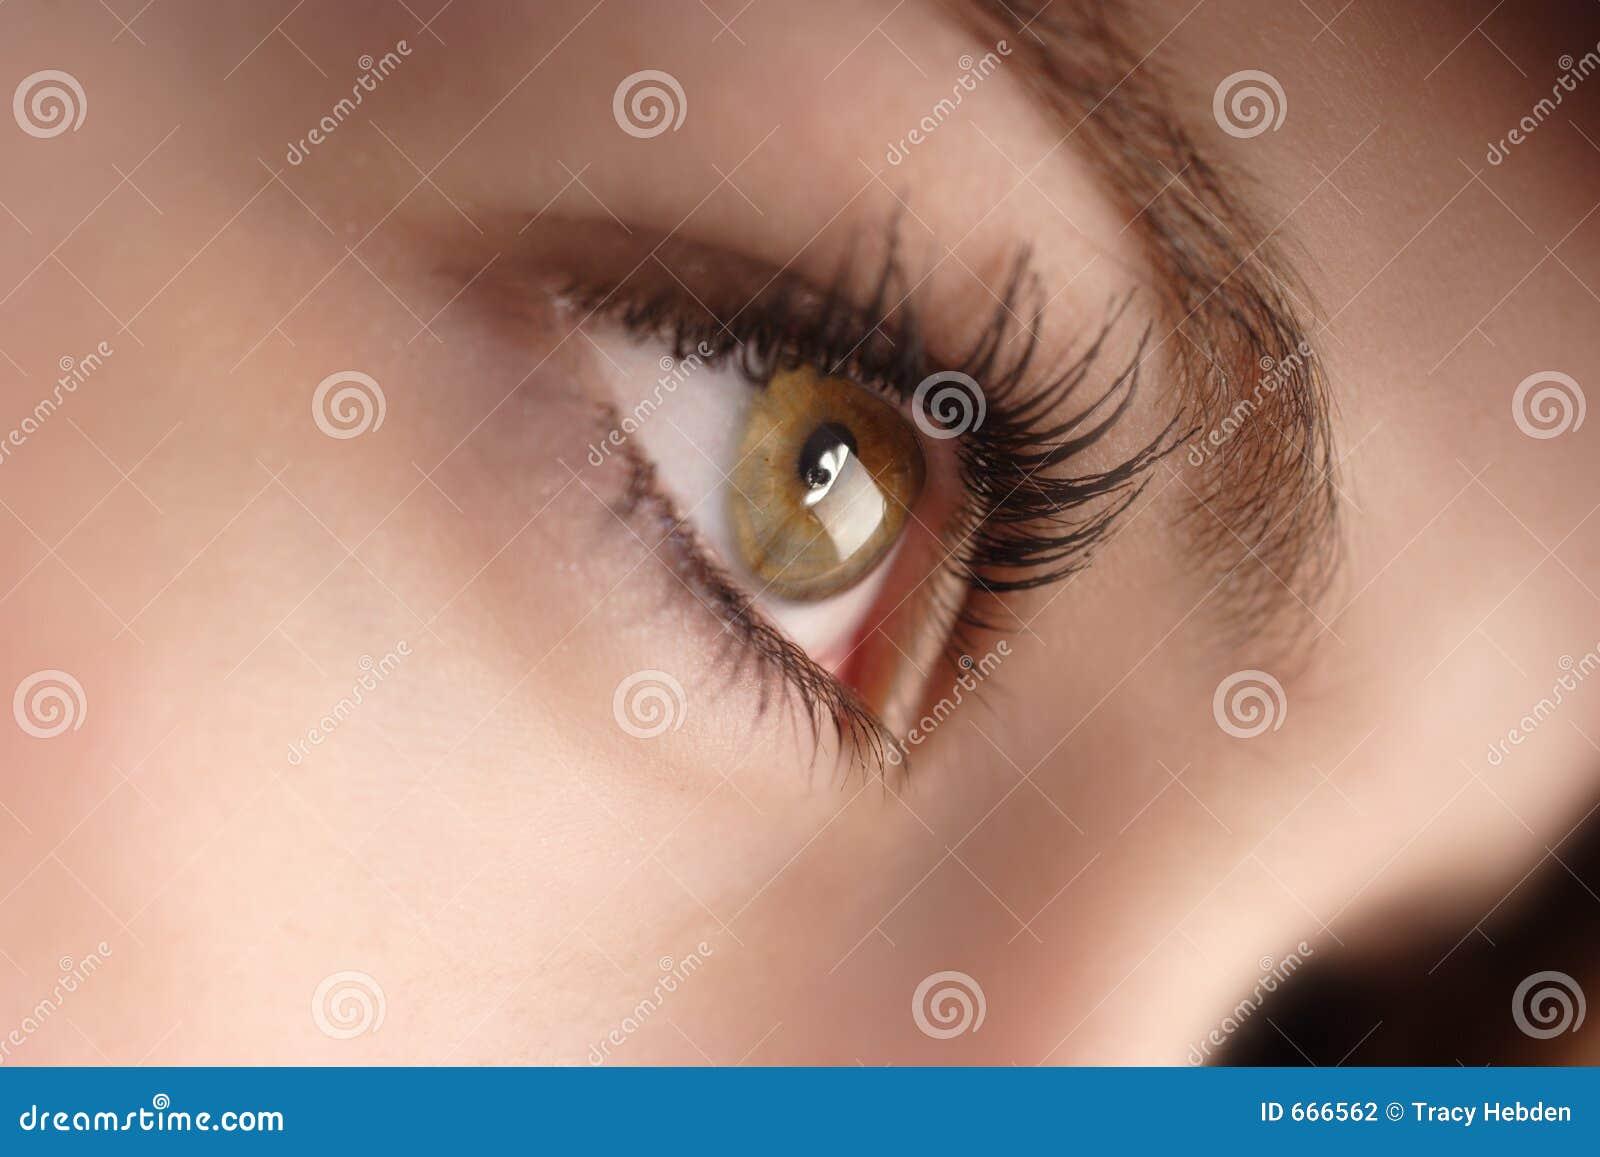 Hazel Eyes Stock Photography - Image: 666562